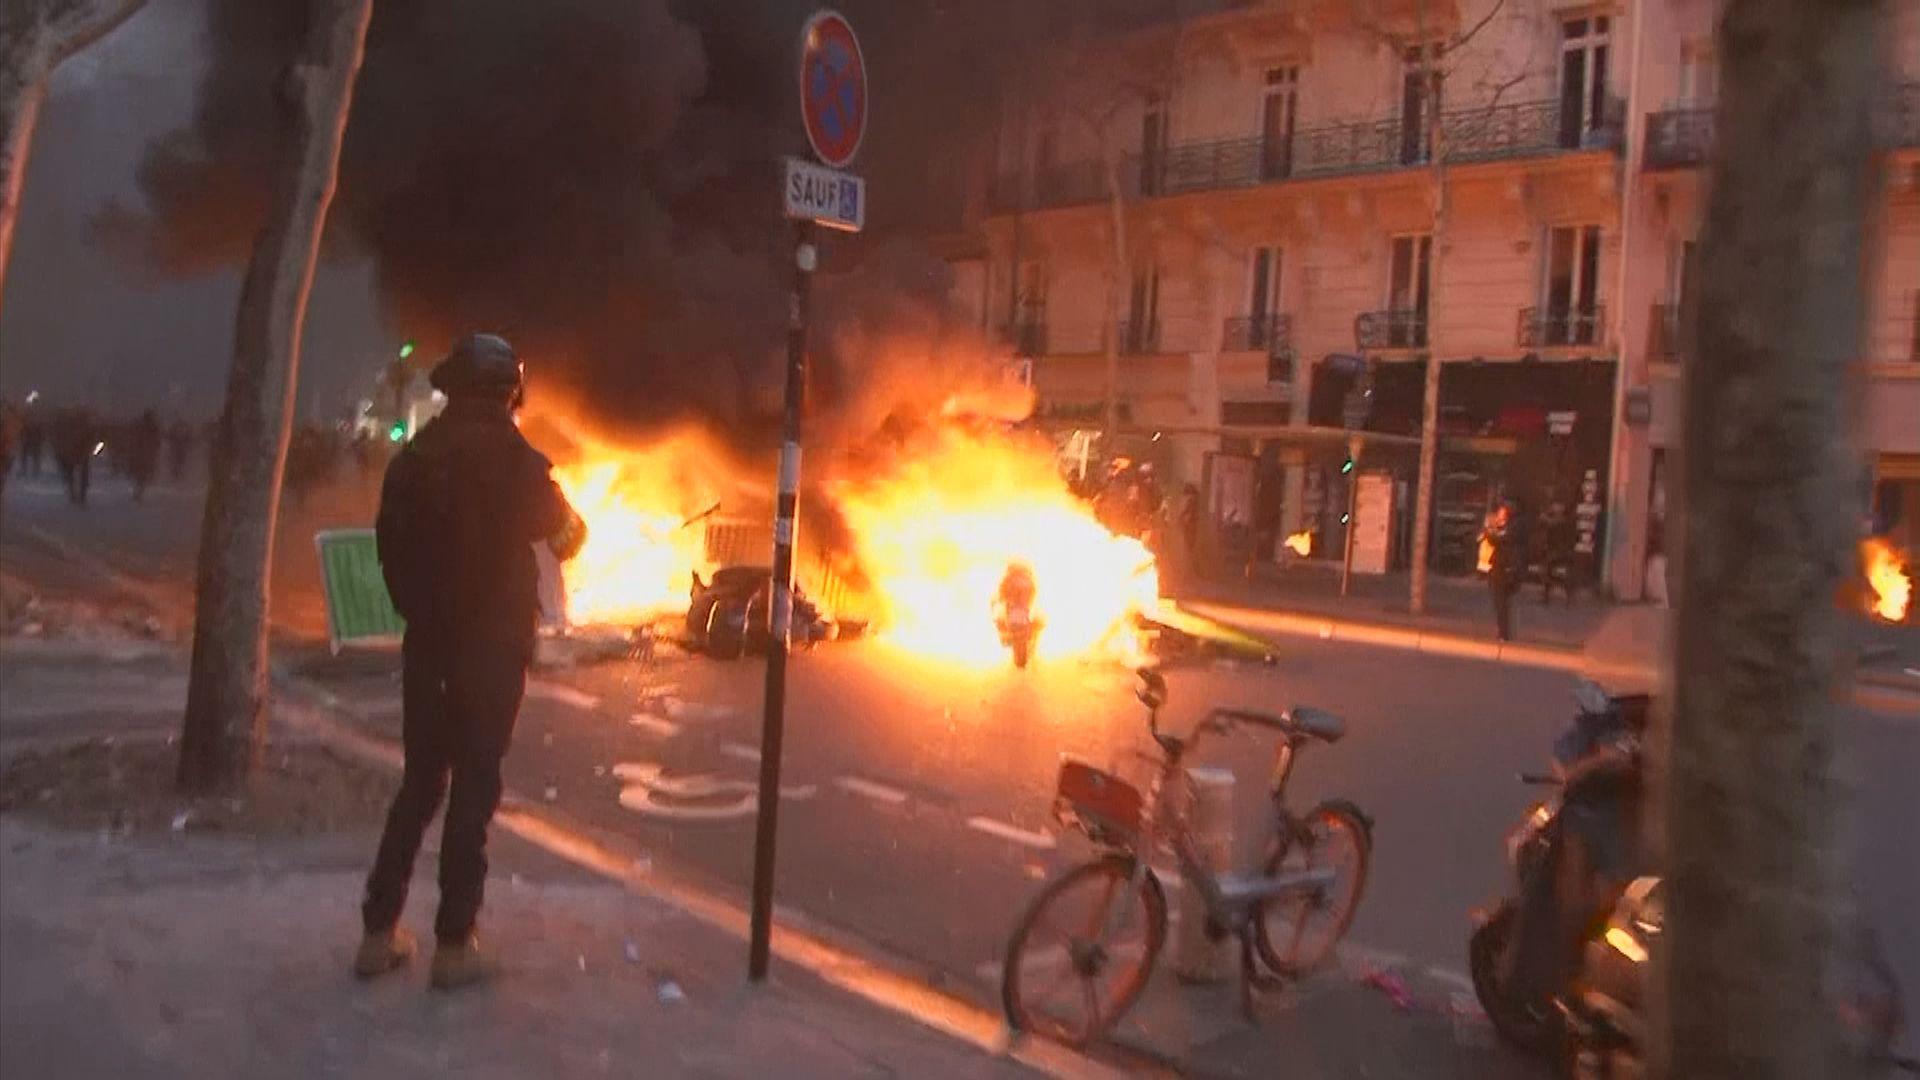 法國草擬新法嚴懲暴力示威行為